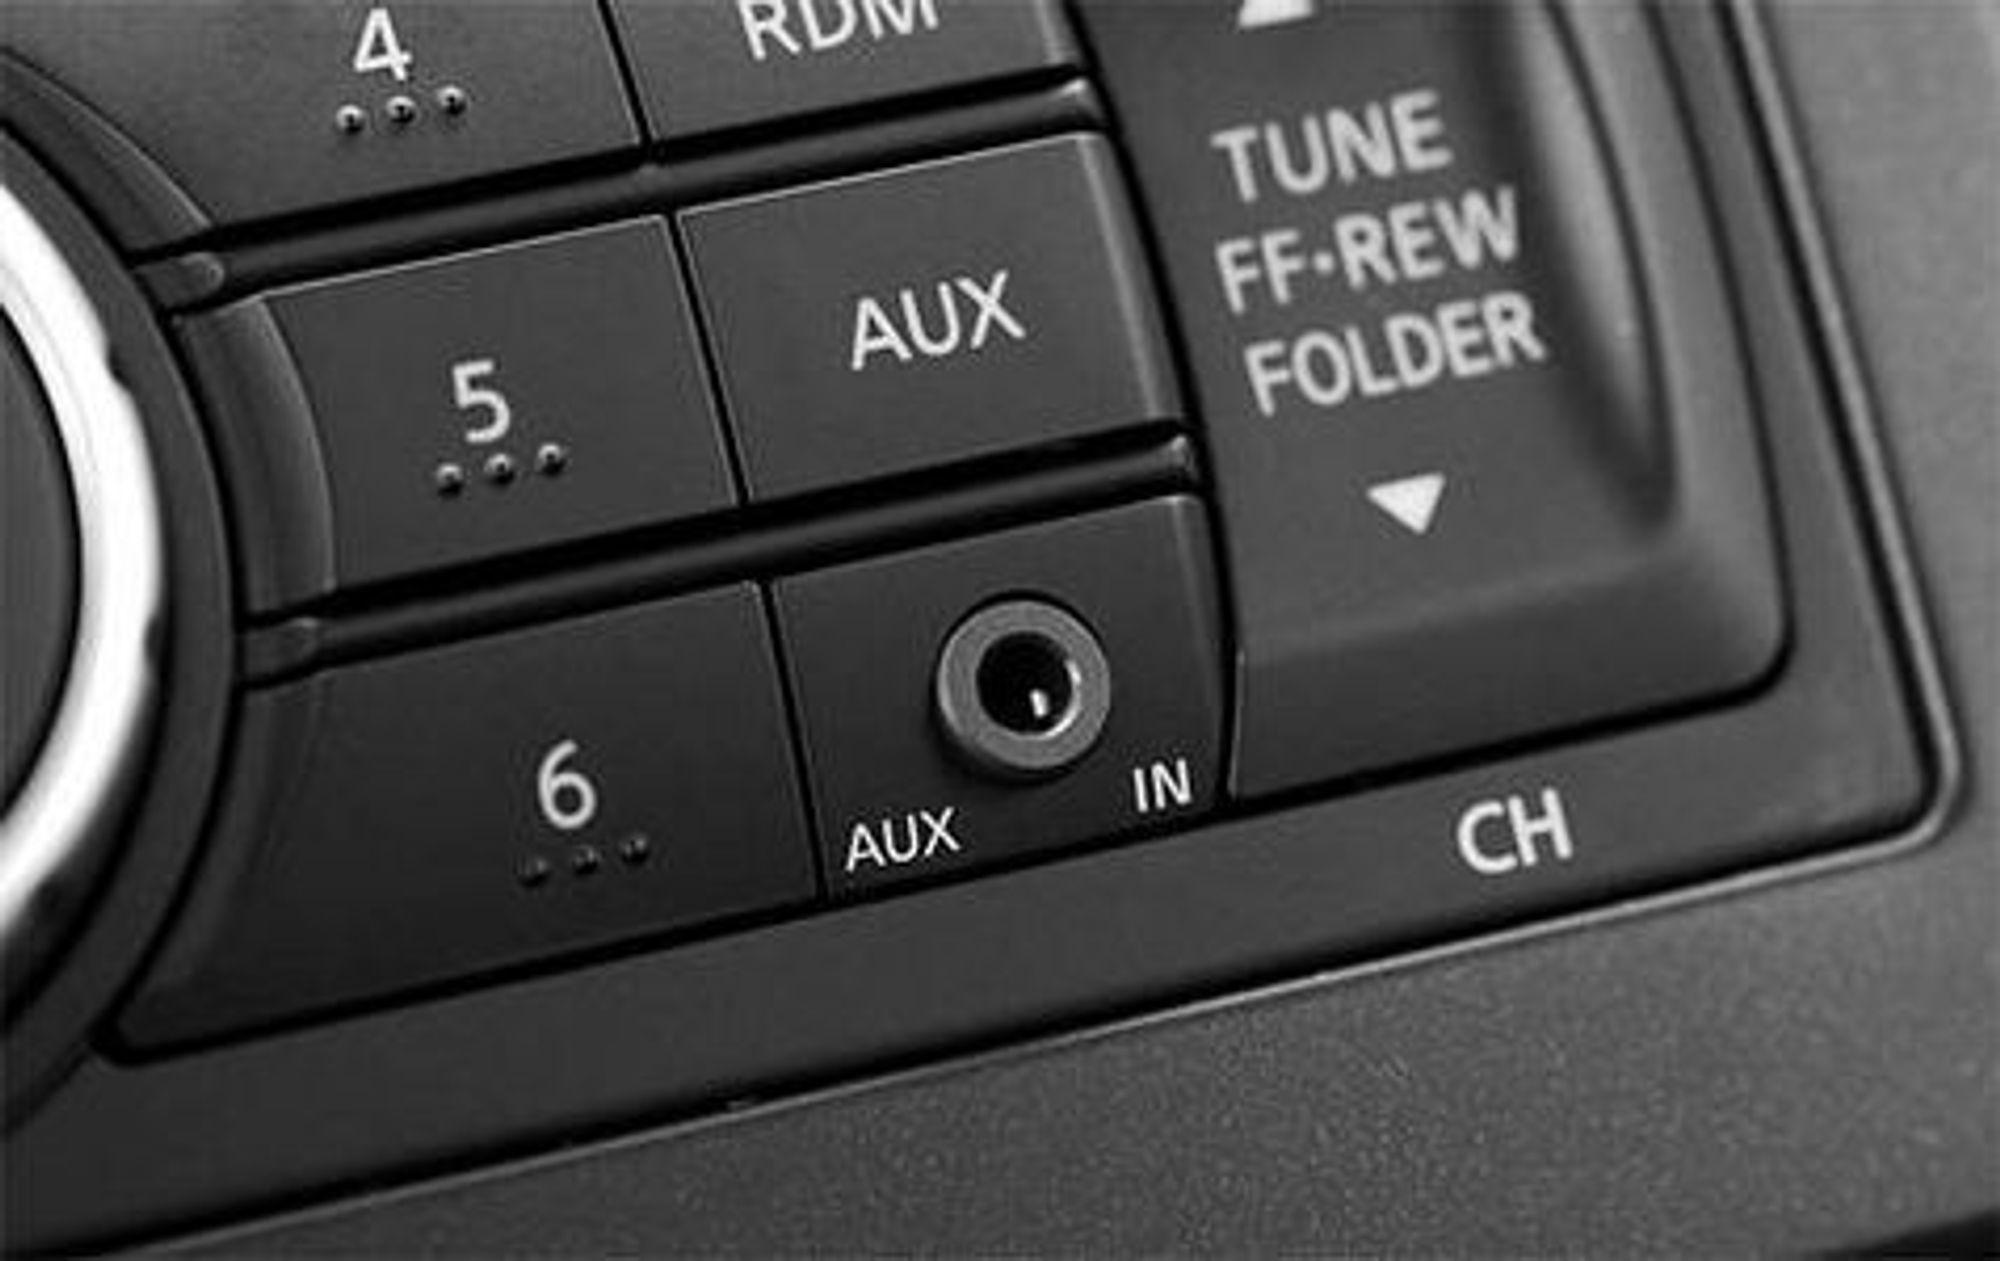 Sjekk radioen din og se etter det lille hodetelefon-hullet.